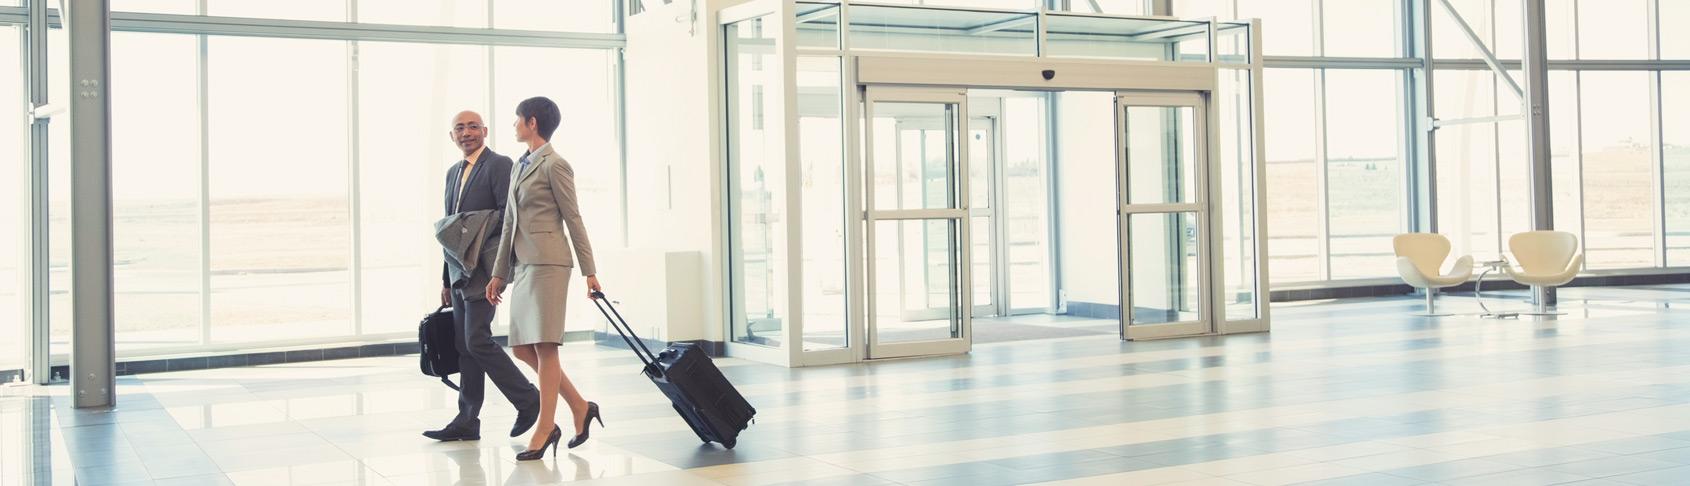 Gesundheit Unfall Auslandreise Krankenversicherung Generali Versicherung Österreich